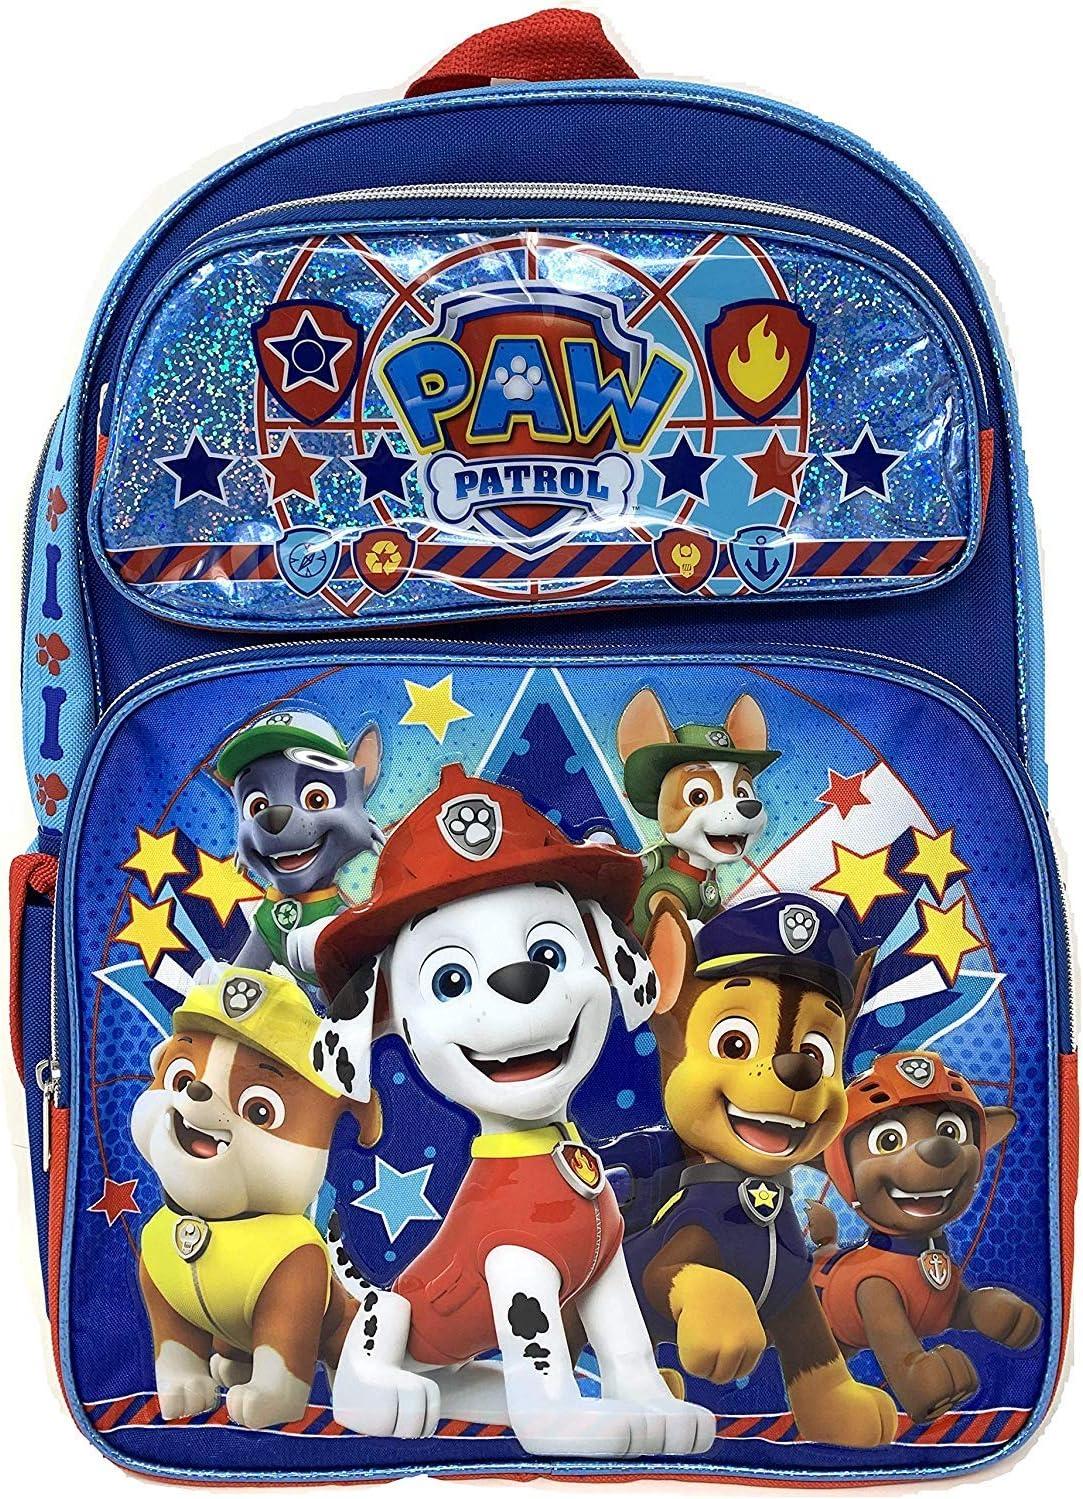 """Nickelodeon New Paw Patrol 16/"""" Rolling School Backpack"""